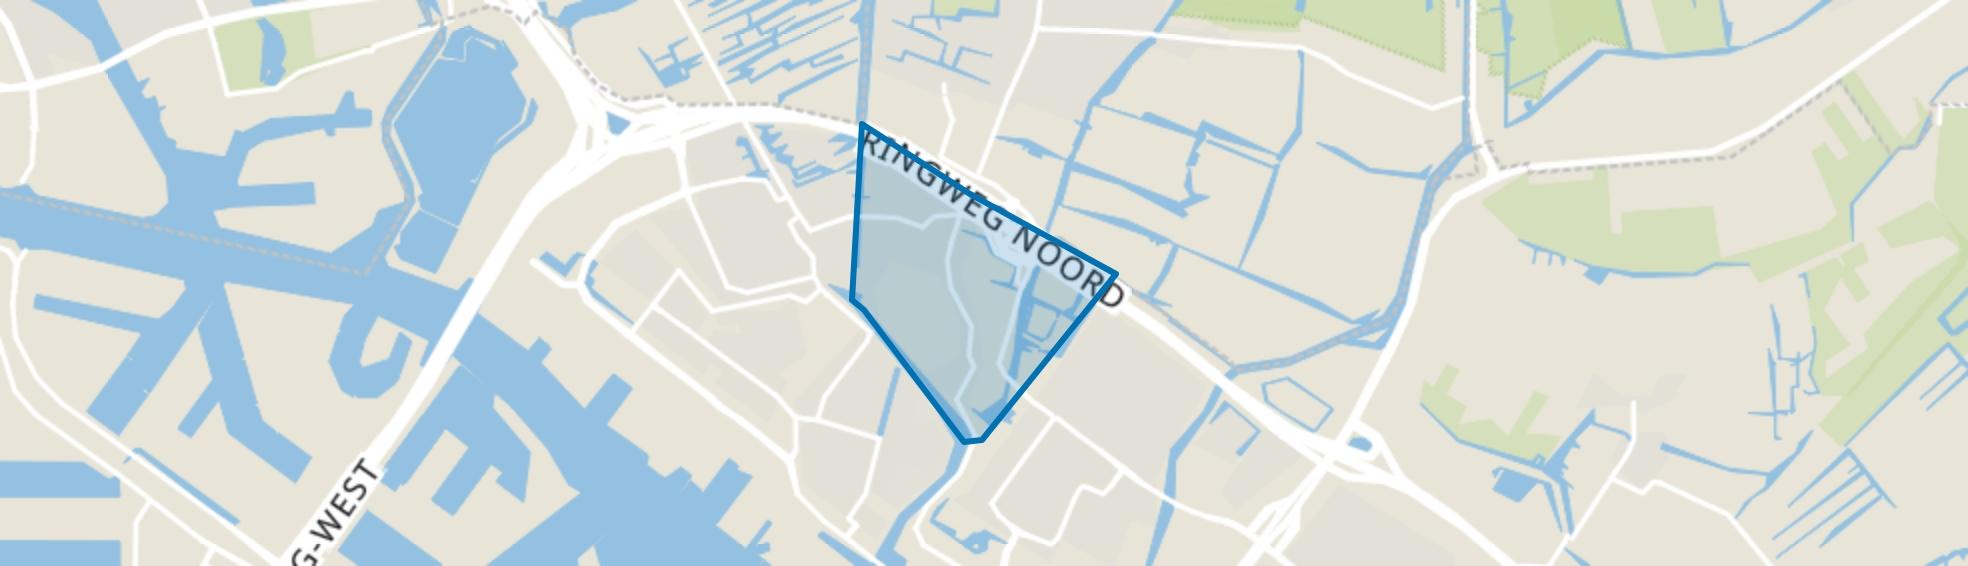 Kadoelen, Amsterdam map